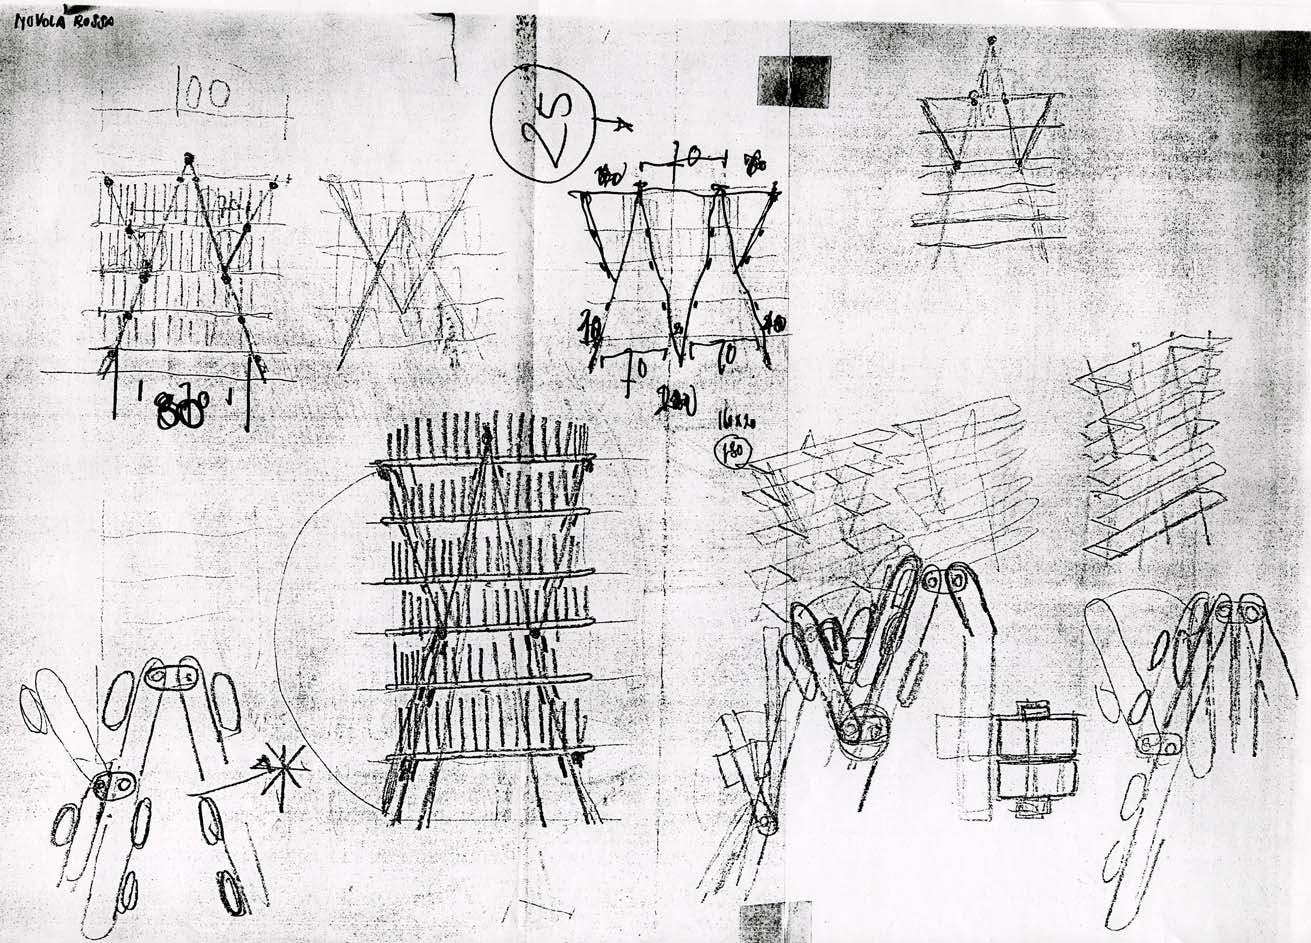 Disegno per Nuvola Rossa © Archivio Studio Magistretti - Fondazione Vico Magistretti